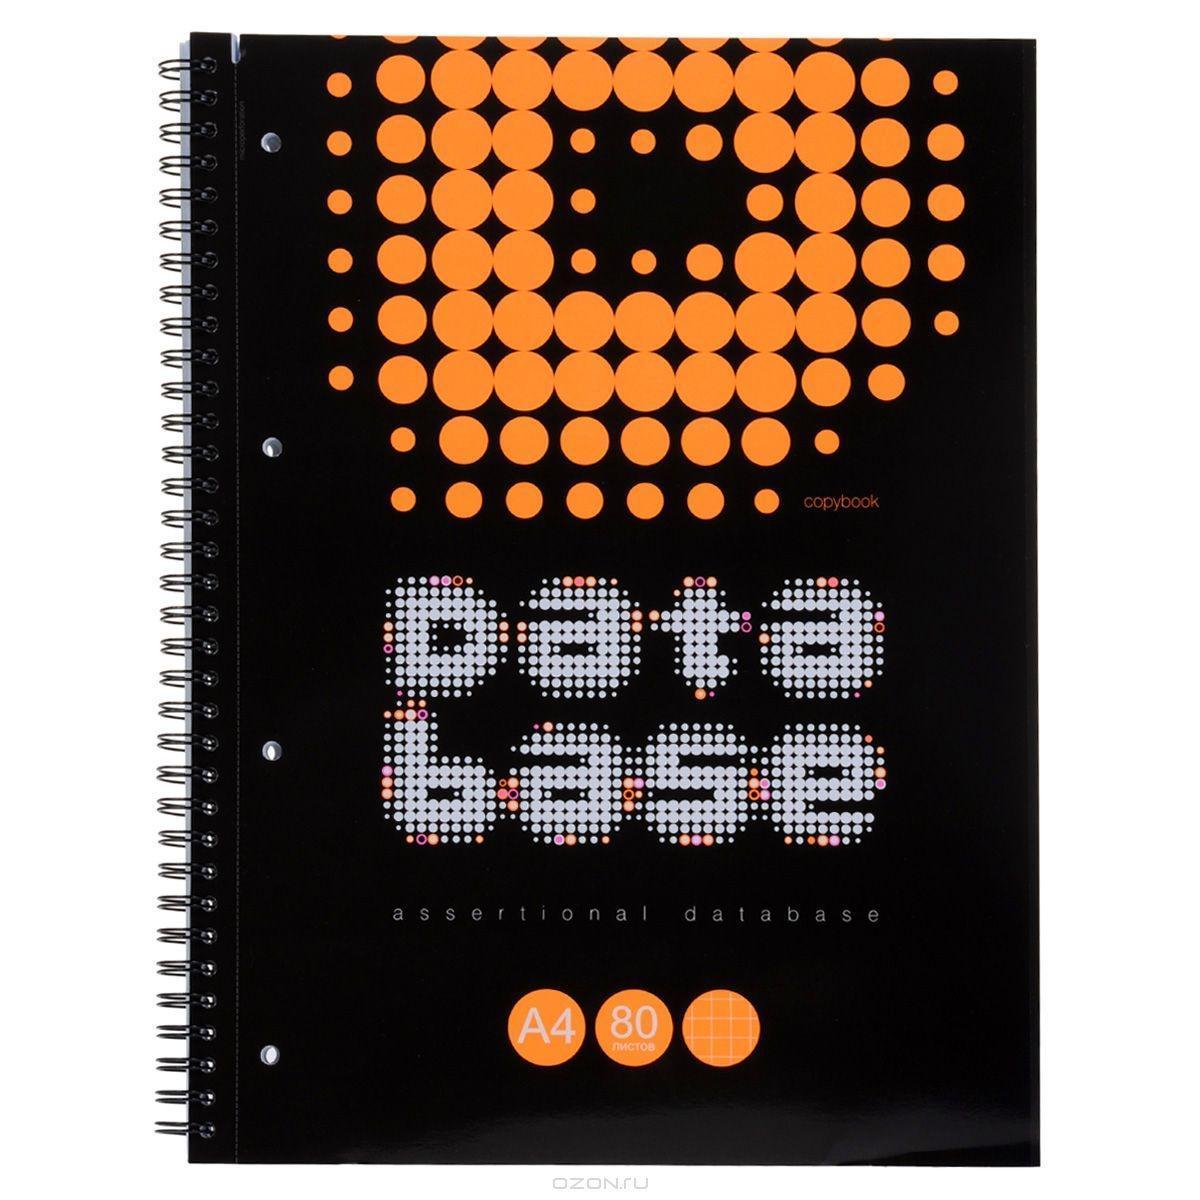 Полиграфика Тетрадь на спирали А4, 80л Database, 3 пантона (2 неон), ламинат (глянцевый), цвет: черный (оранжевые круги)4601921376388